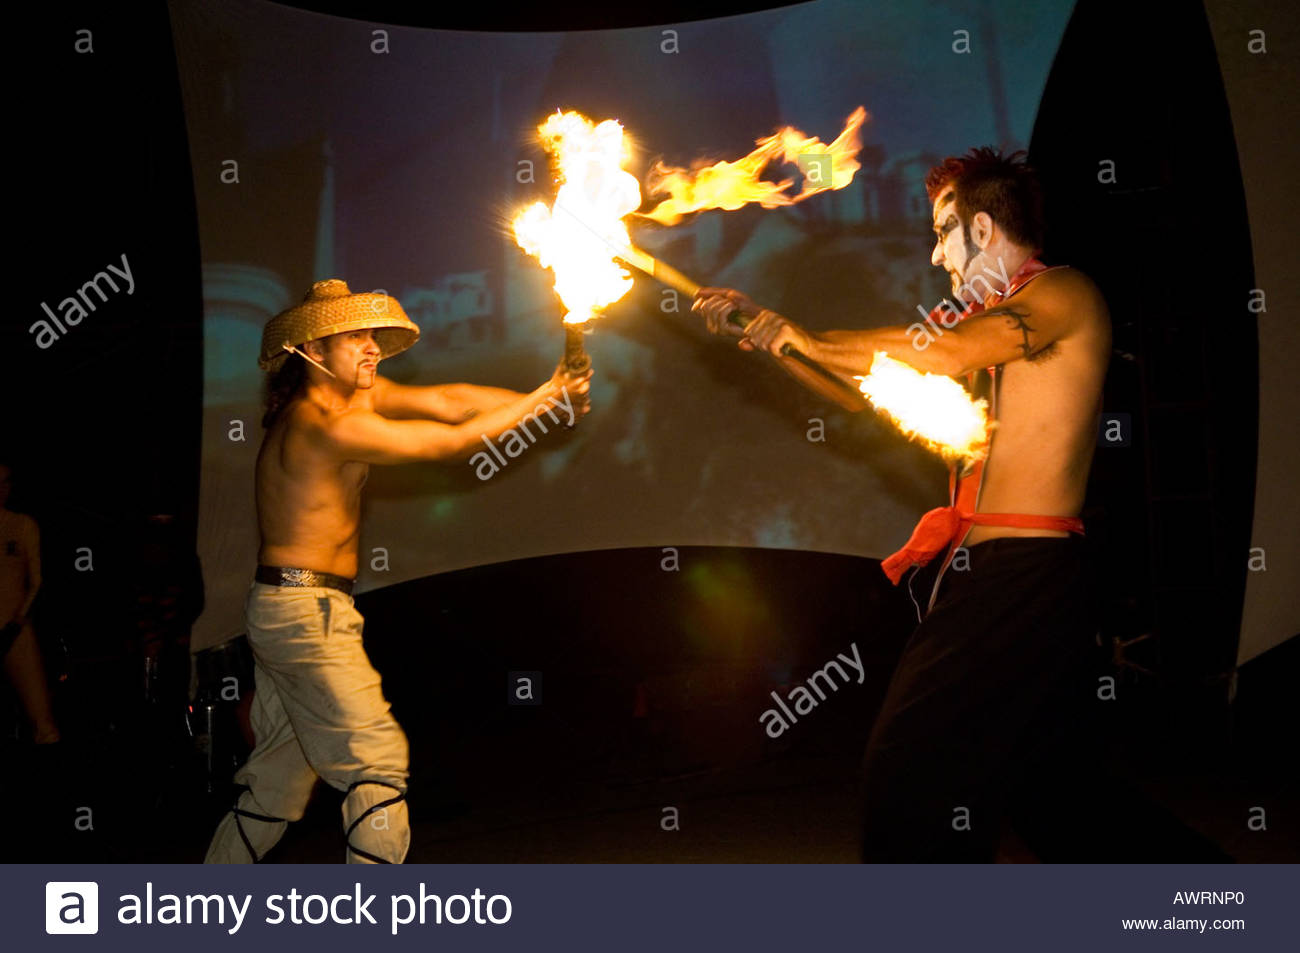 Artistas elemental otro grupo pirotécnico basado actuando en una Flam Chen show teatral llamado KABOOM Imagen De Stock